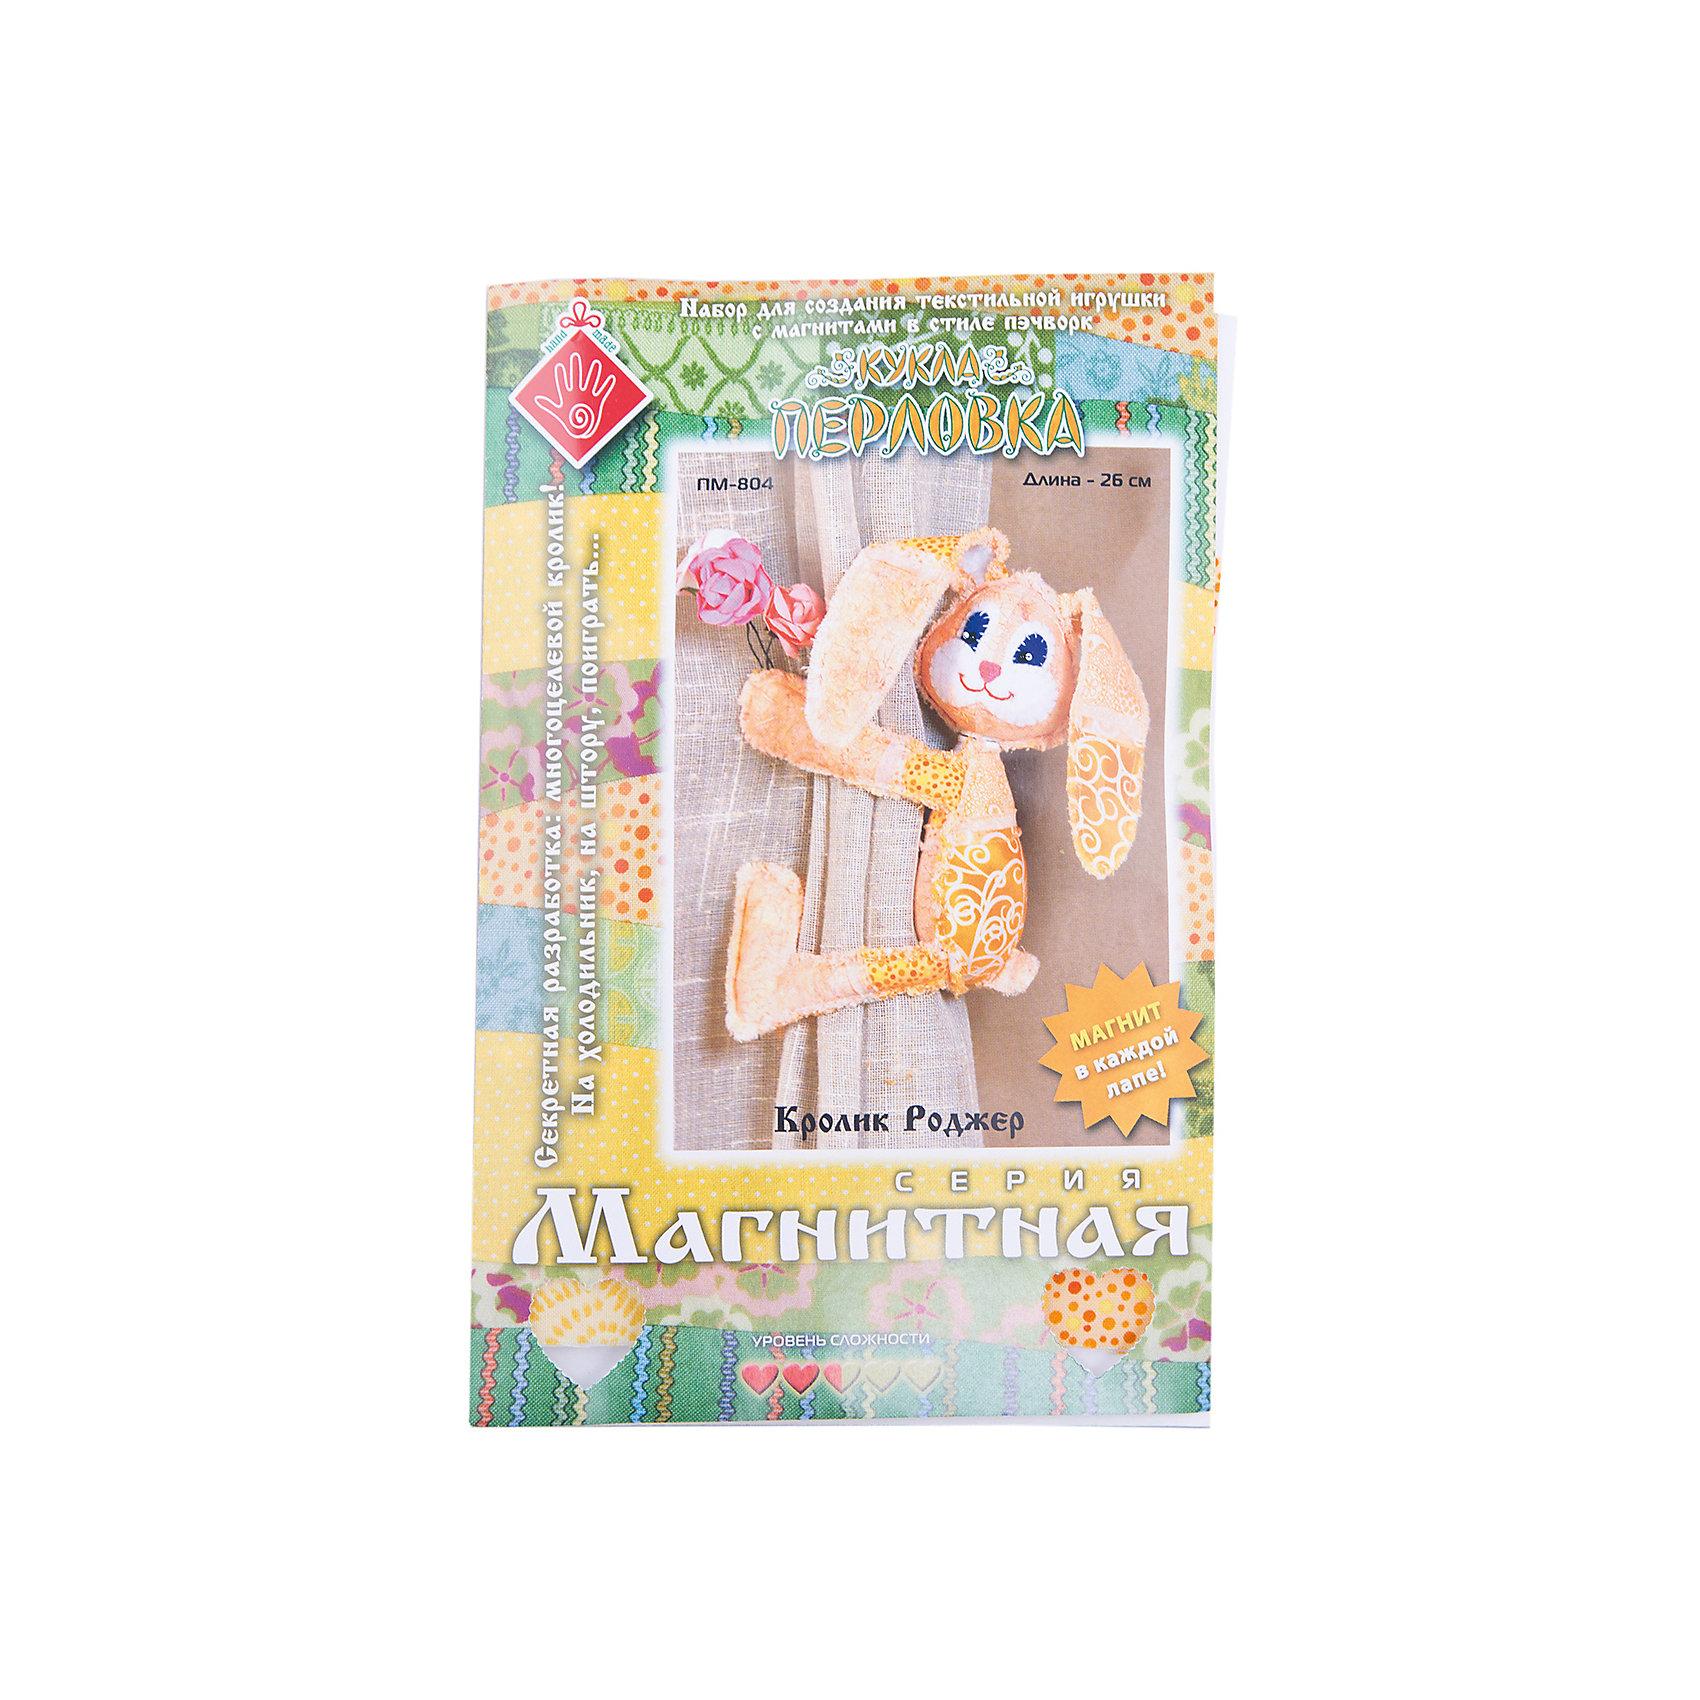 Набор для изготовления  игрушки Пасхальный Кролик, ПерловкаРукоделие<br>Набор для изготовления игрушки Пасхальный Кролик, Перловка<br><br>Характеристики: <br><br>• Размер игрушки: 26 см<br>• Материал: Хлопок, Фетр, Металл, Атлас<br>• В комплекте: Ткань, нитки, пуговицы, магниты, проволока, кнопка, листы с выкройками, инструкция<br>• Вес: 100г<br><br>Этот набор для творчества позволит вашему ребенку создать очаровательную игрушку. Ткани в комплекте выполнены в мягких пастельных тонах и состоят из натурального хлопка. В составе имеется подробная инструкция и все необходимое для декорирования фигурки. <br><br>Особенностями данного комплекта являются магниты, которые вставляются в ручки и ножки игрушки. Это позволяет крепить игрушку на любую металлическую поверхность.<br><br>Набор для изготовления игрушки Пасхальный Кролик, Перловка можно купить в нашем интернет-магазине.<br><br>Ширина мм: 150<br>Глубина мм: 10<br>Высота мм: 275<br>Вес г: 100<br>Возраст от месяцев: 60<br>Возраст до месяцев: 2147483647<br>Пол: Женский<br>Возраст: Детский<br>SKU: 5445438